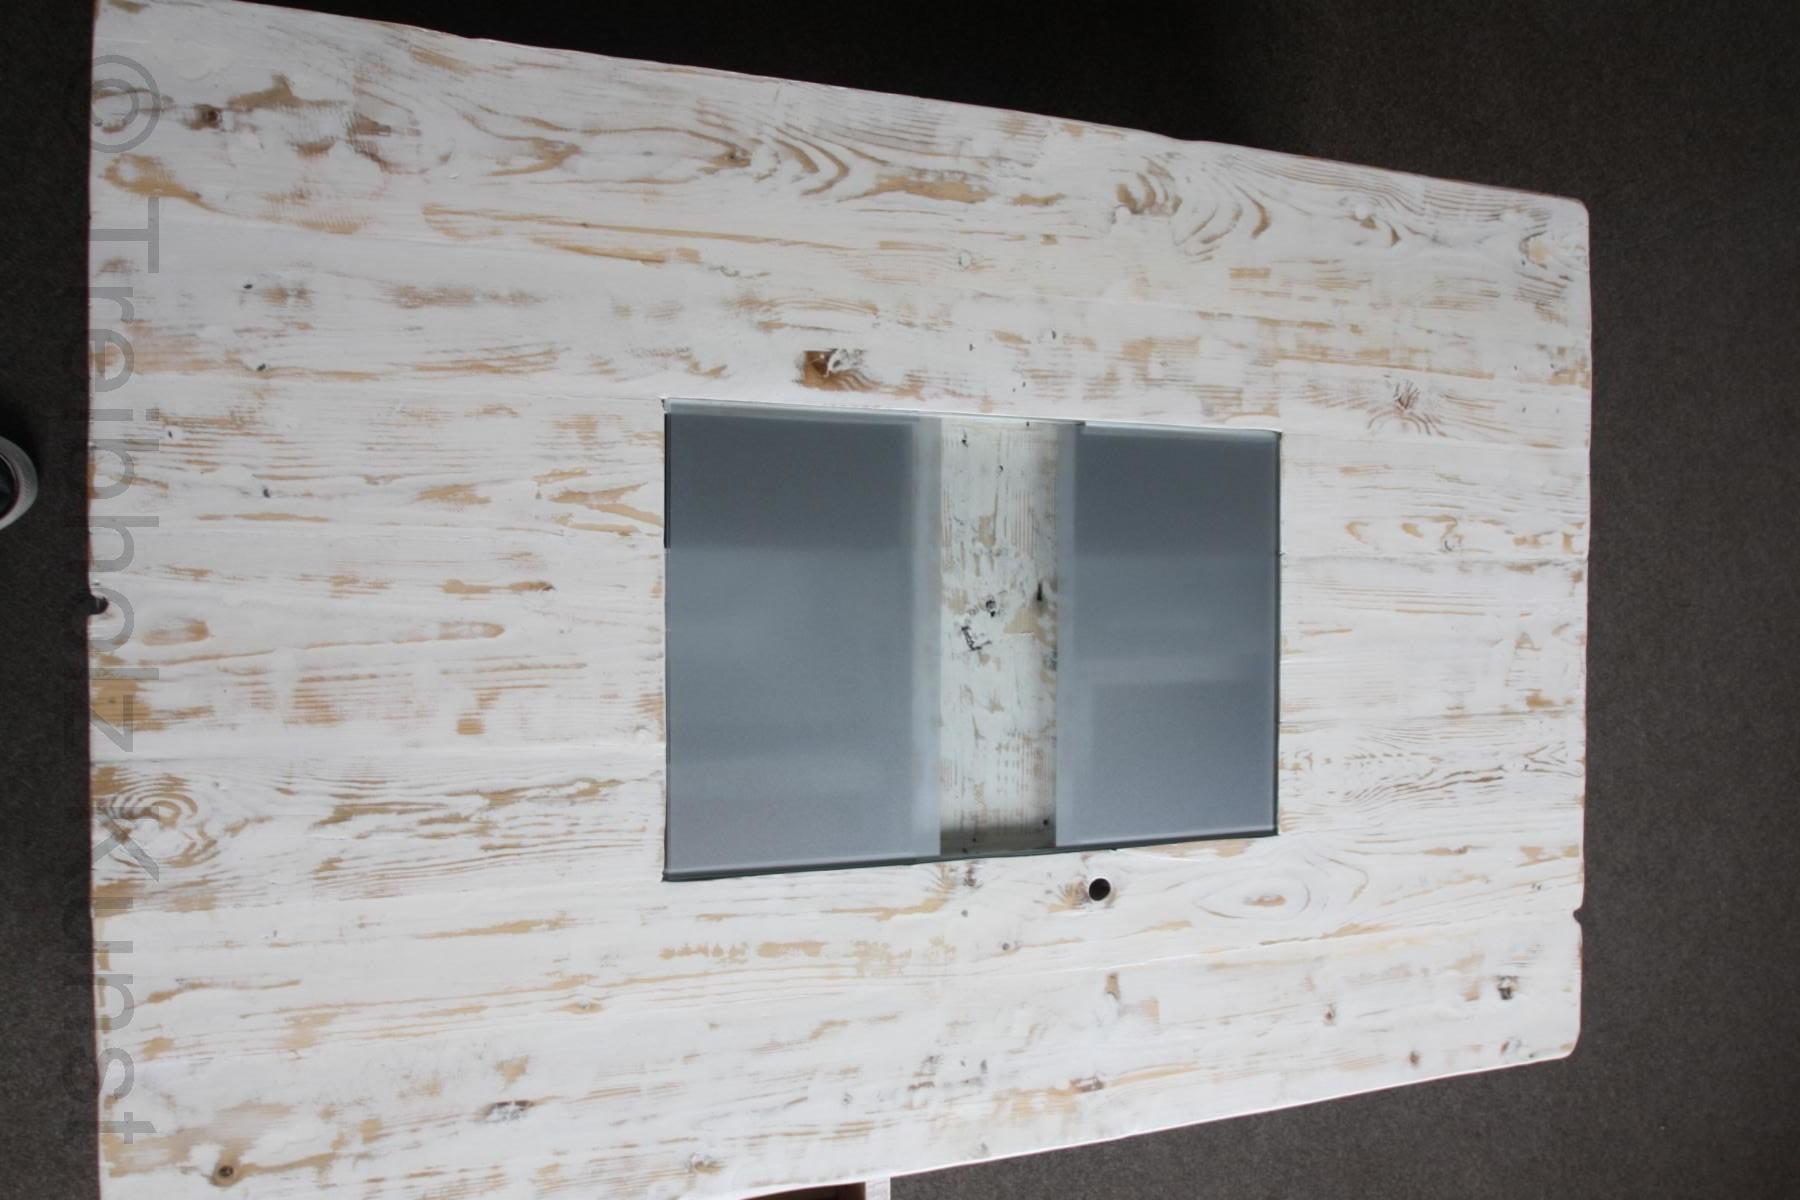 Treibholz Paletten Design Tisch   Www.treibholz Bodensee.de   Paletten  Couchtisch